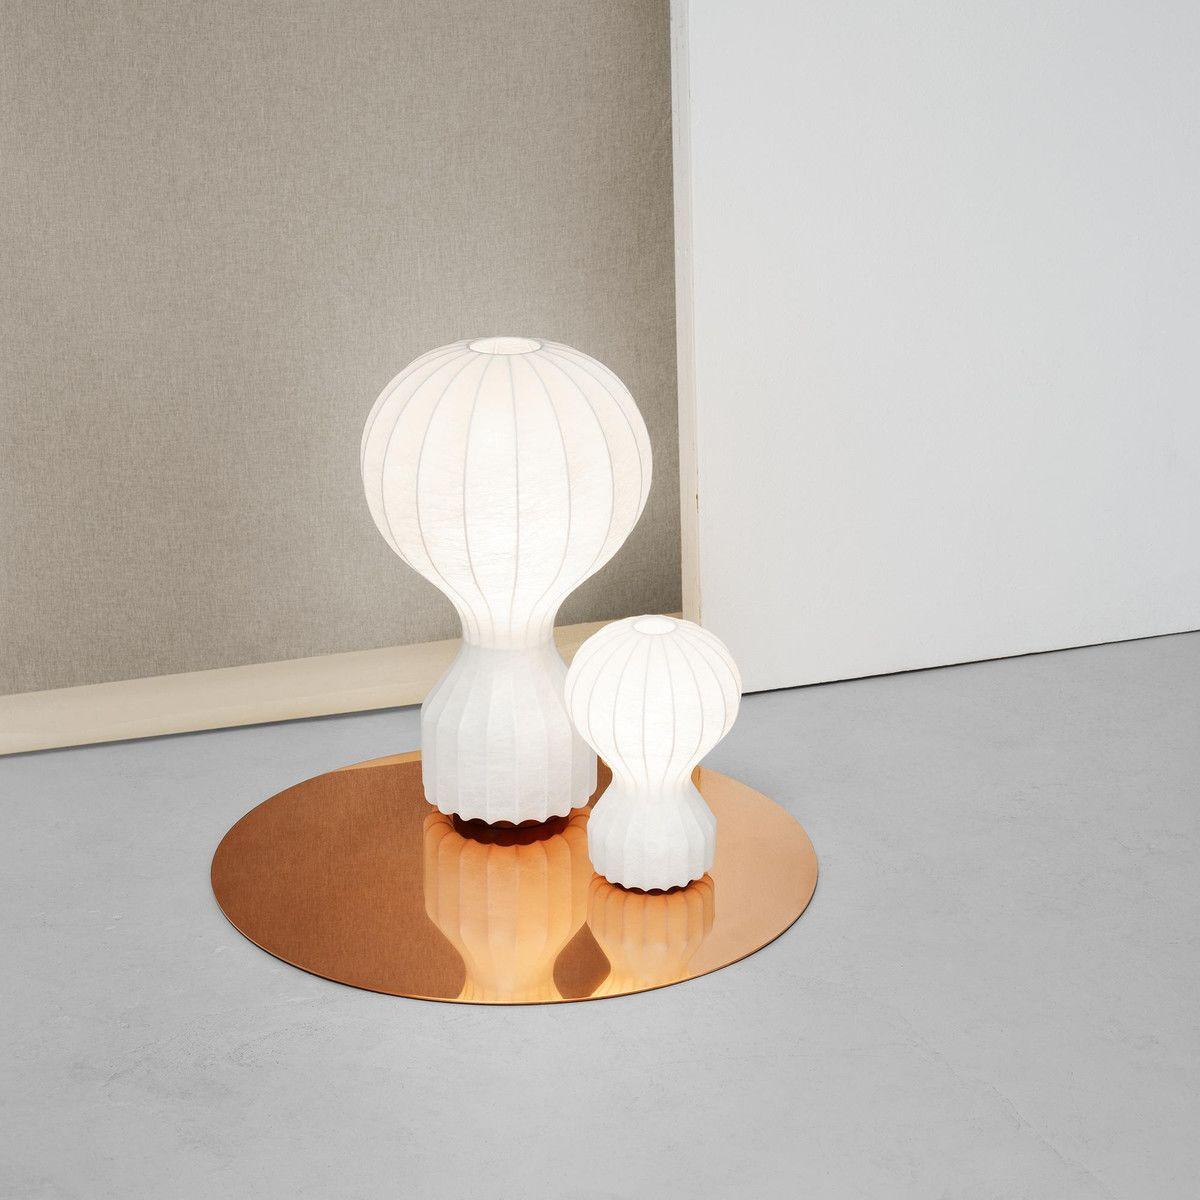 Gatto Table Lamp  Flos  AmbienteDirectcom